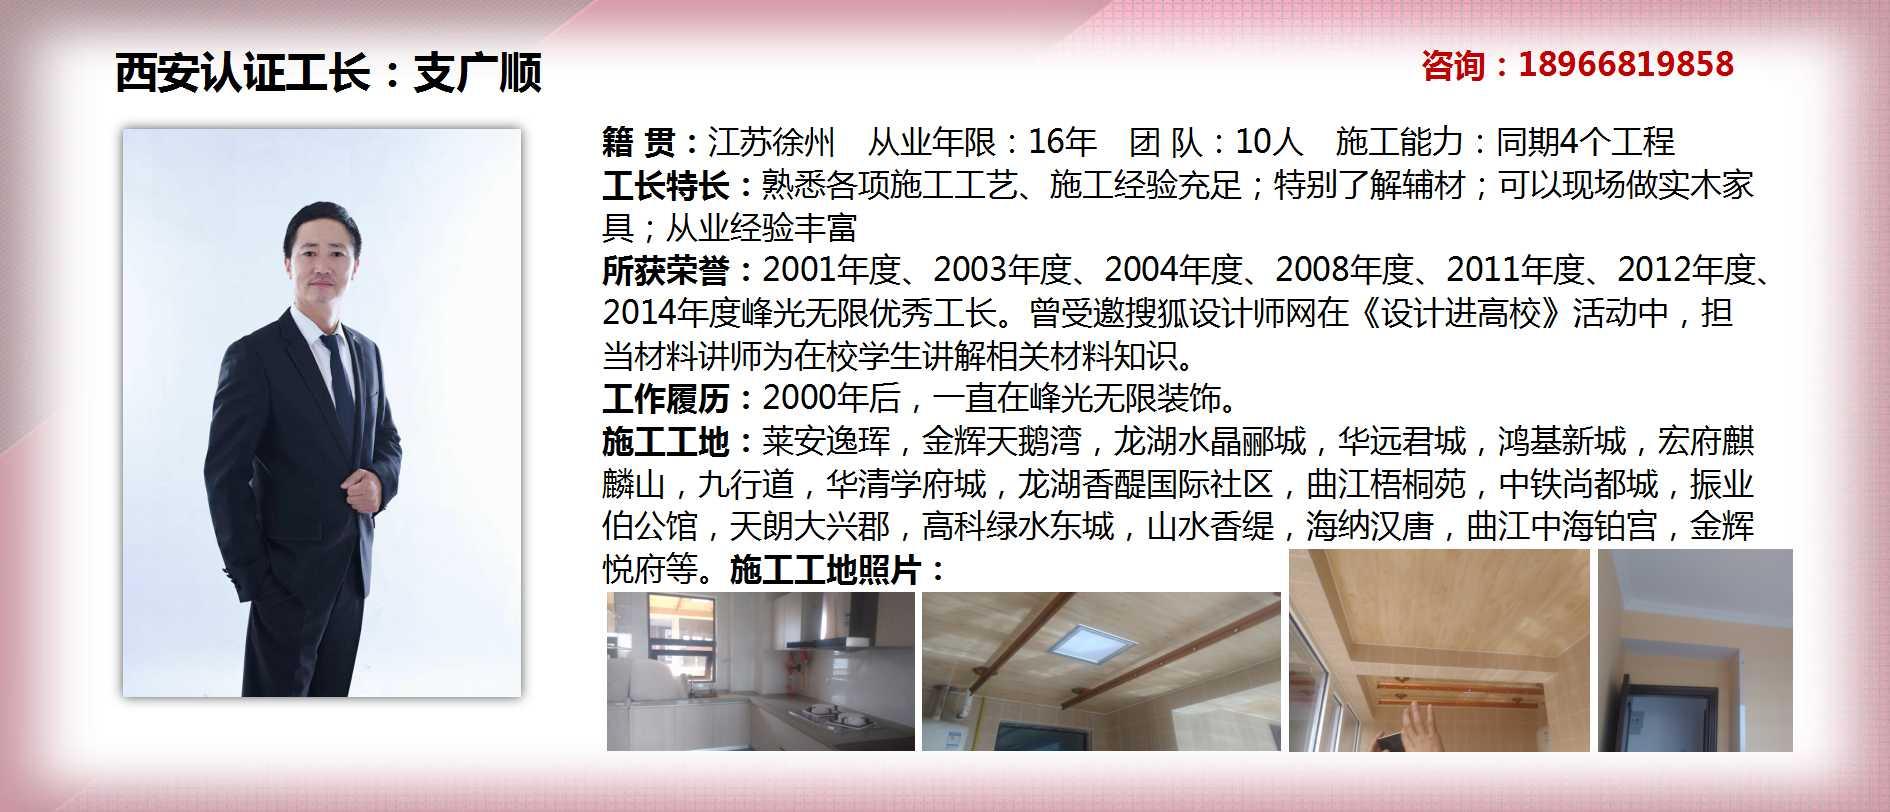 搜狐俱乐部展示ppt(1).jpg